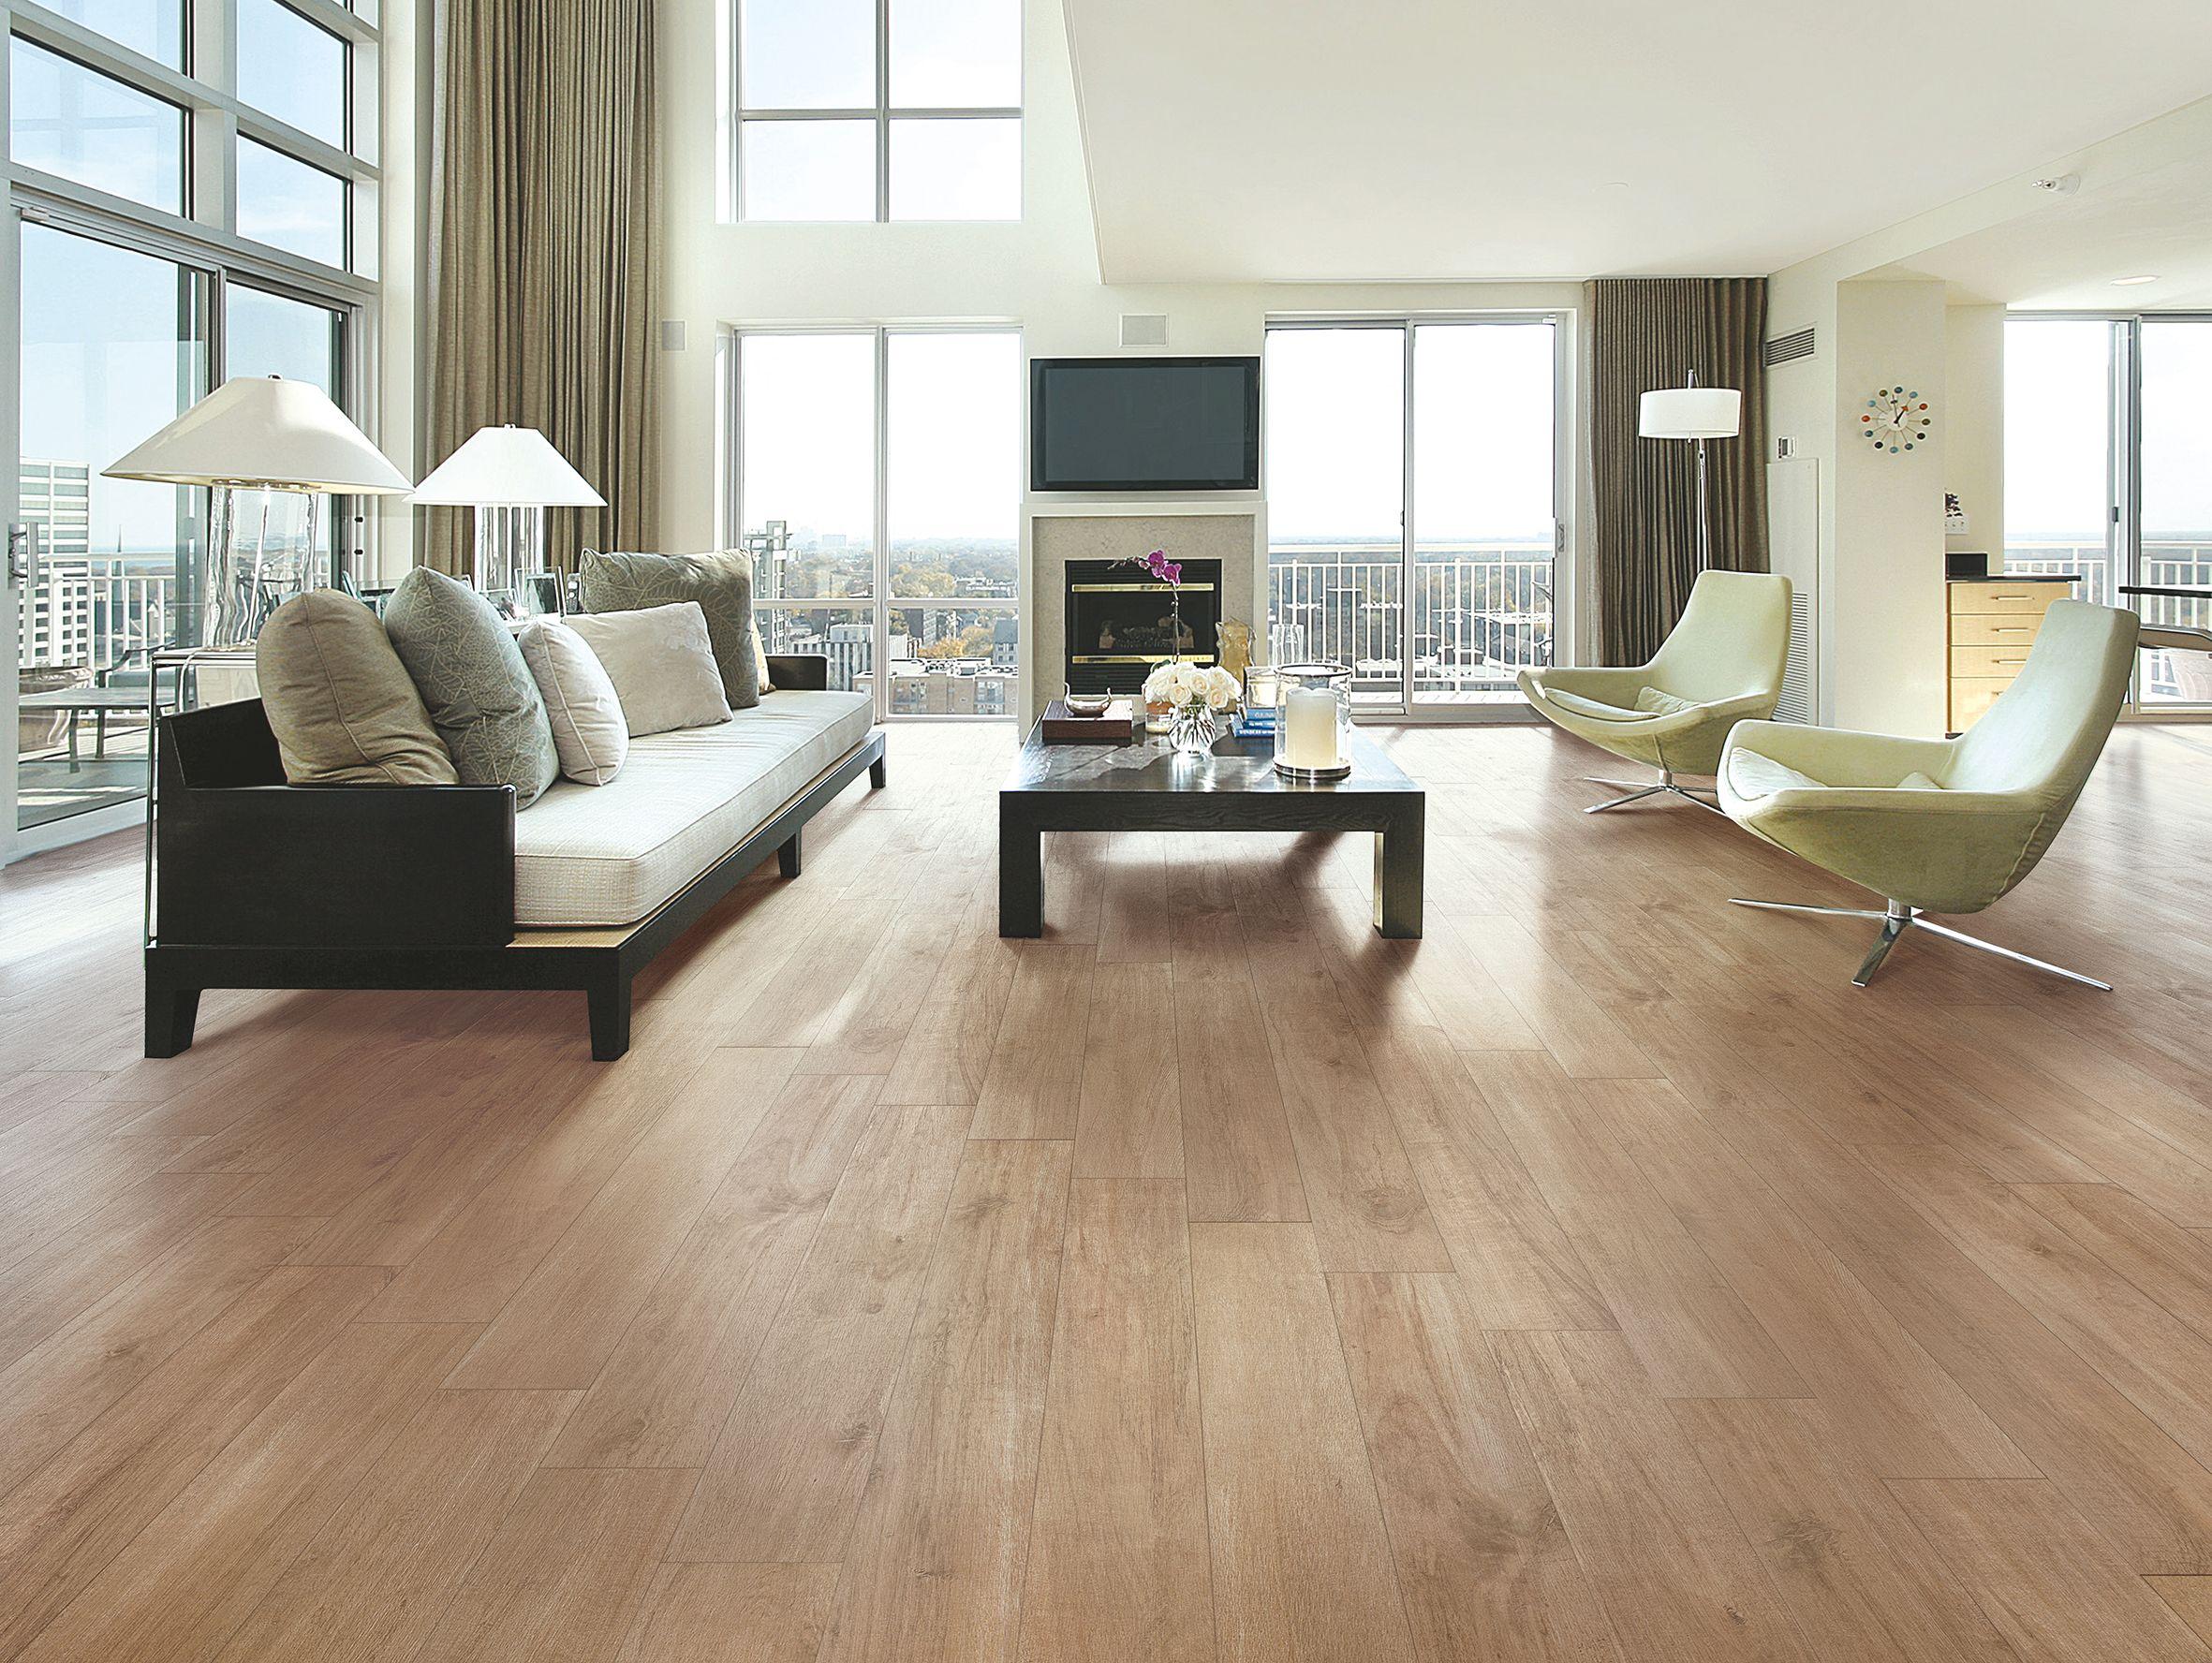 carrelage tendance bois urbanwood 18x118 pour plus d information